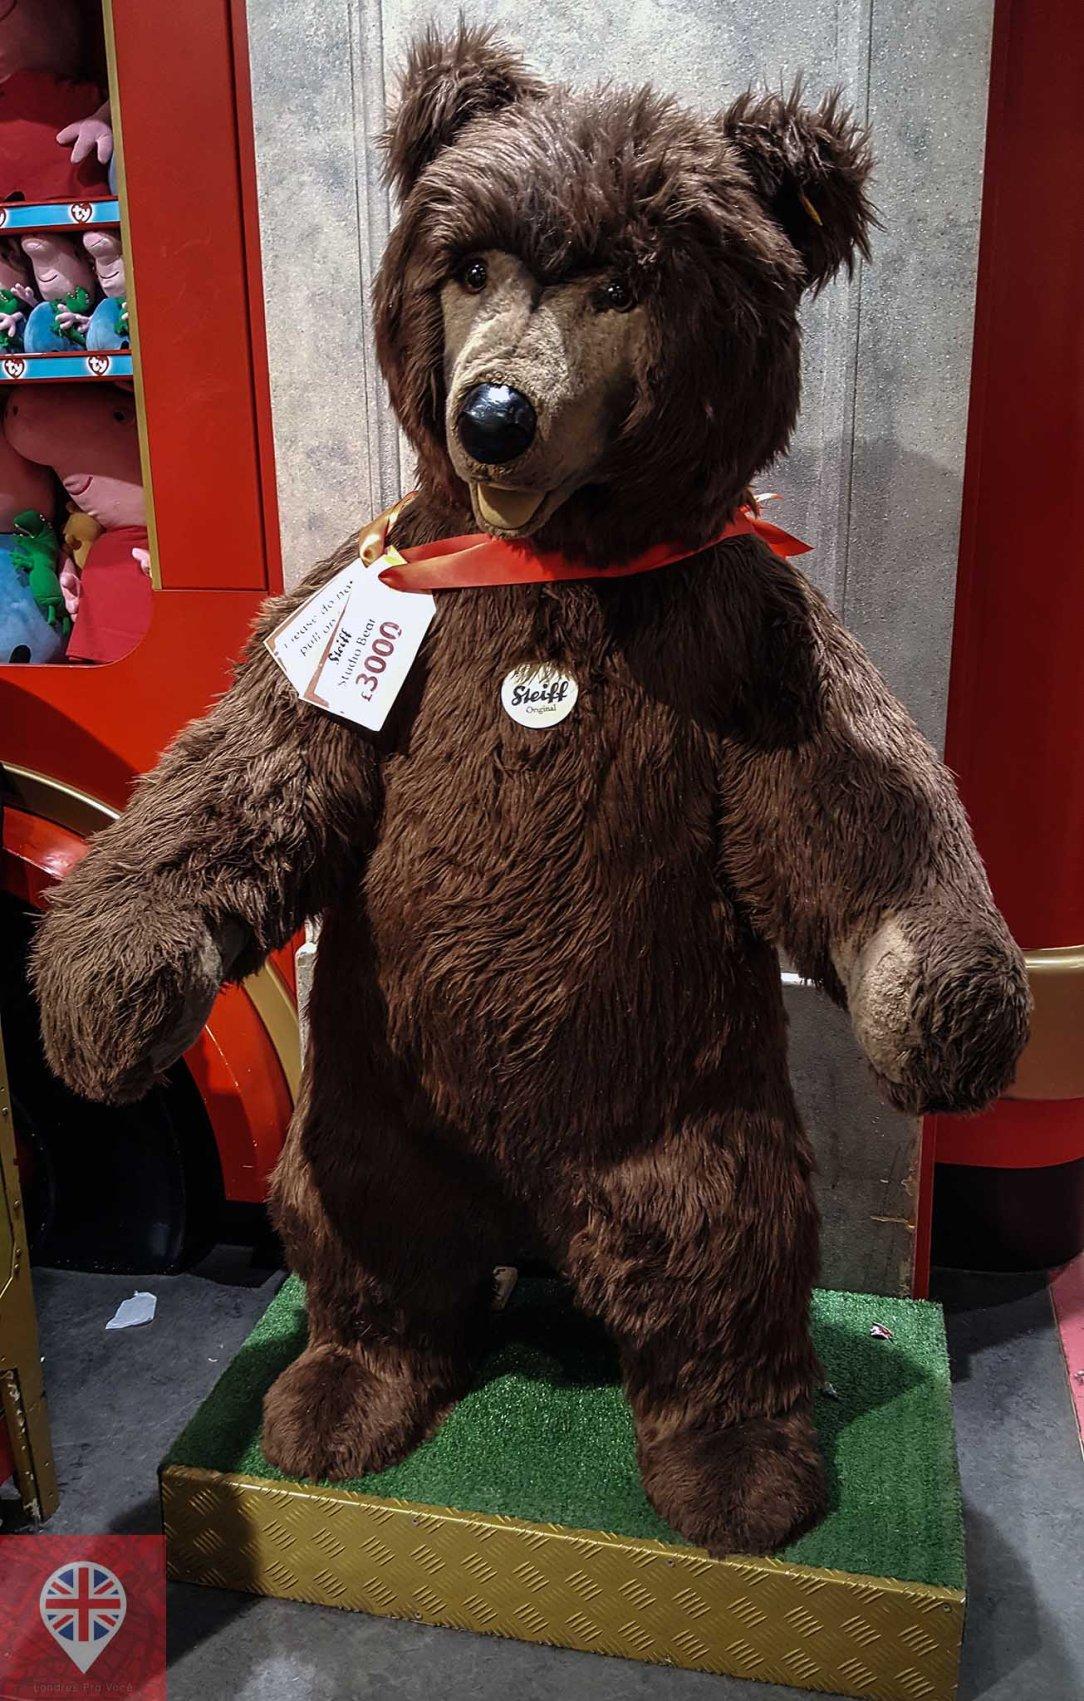 Hamleys bear